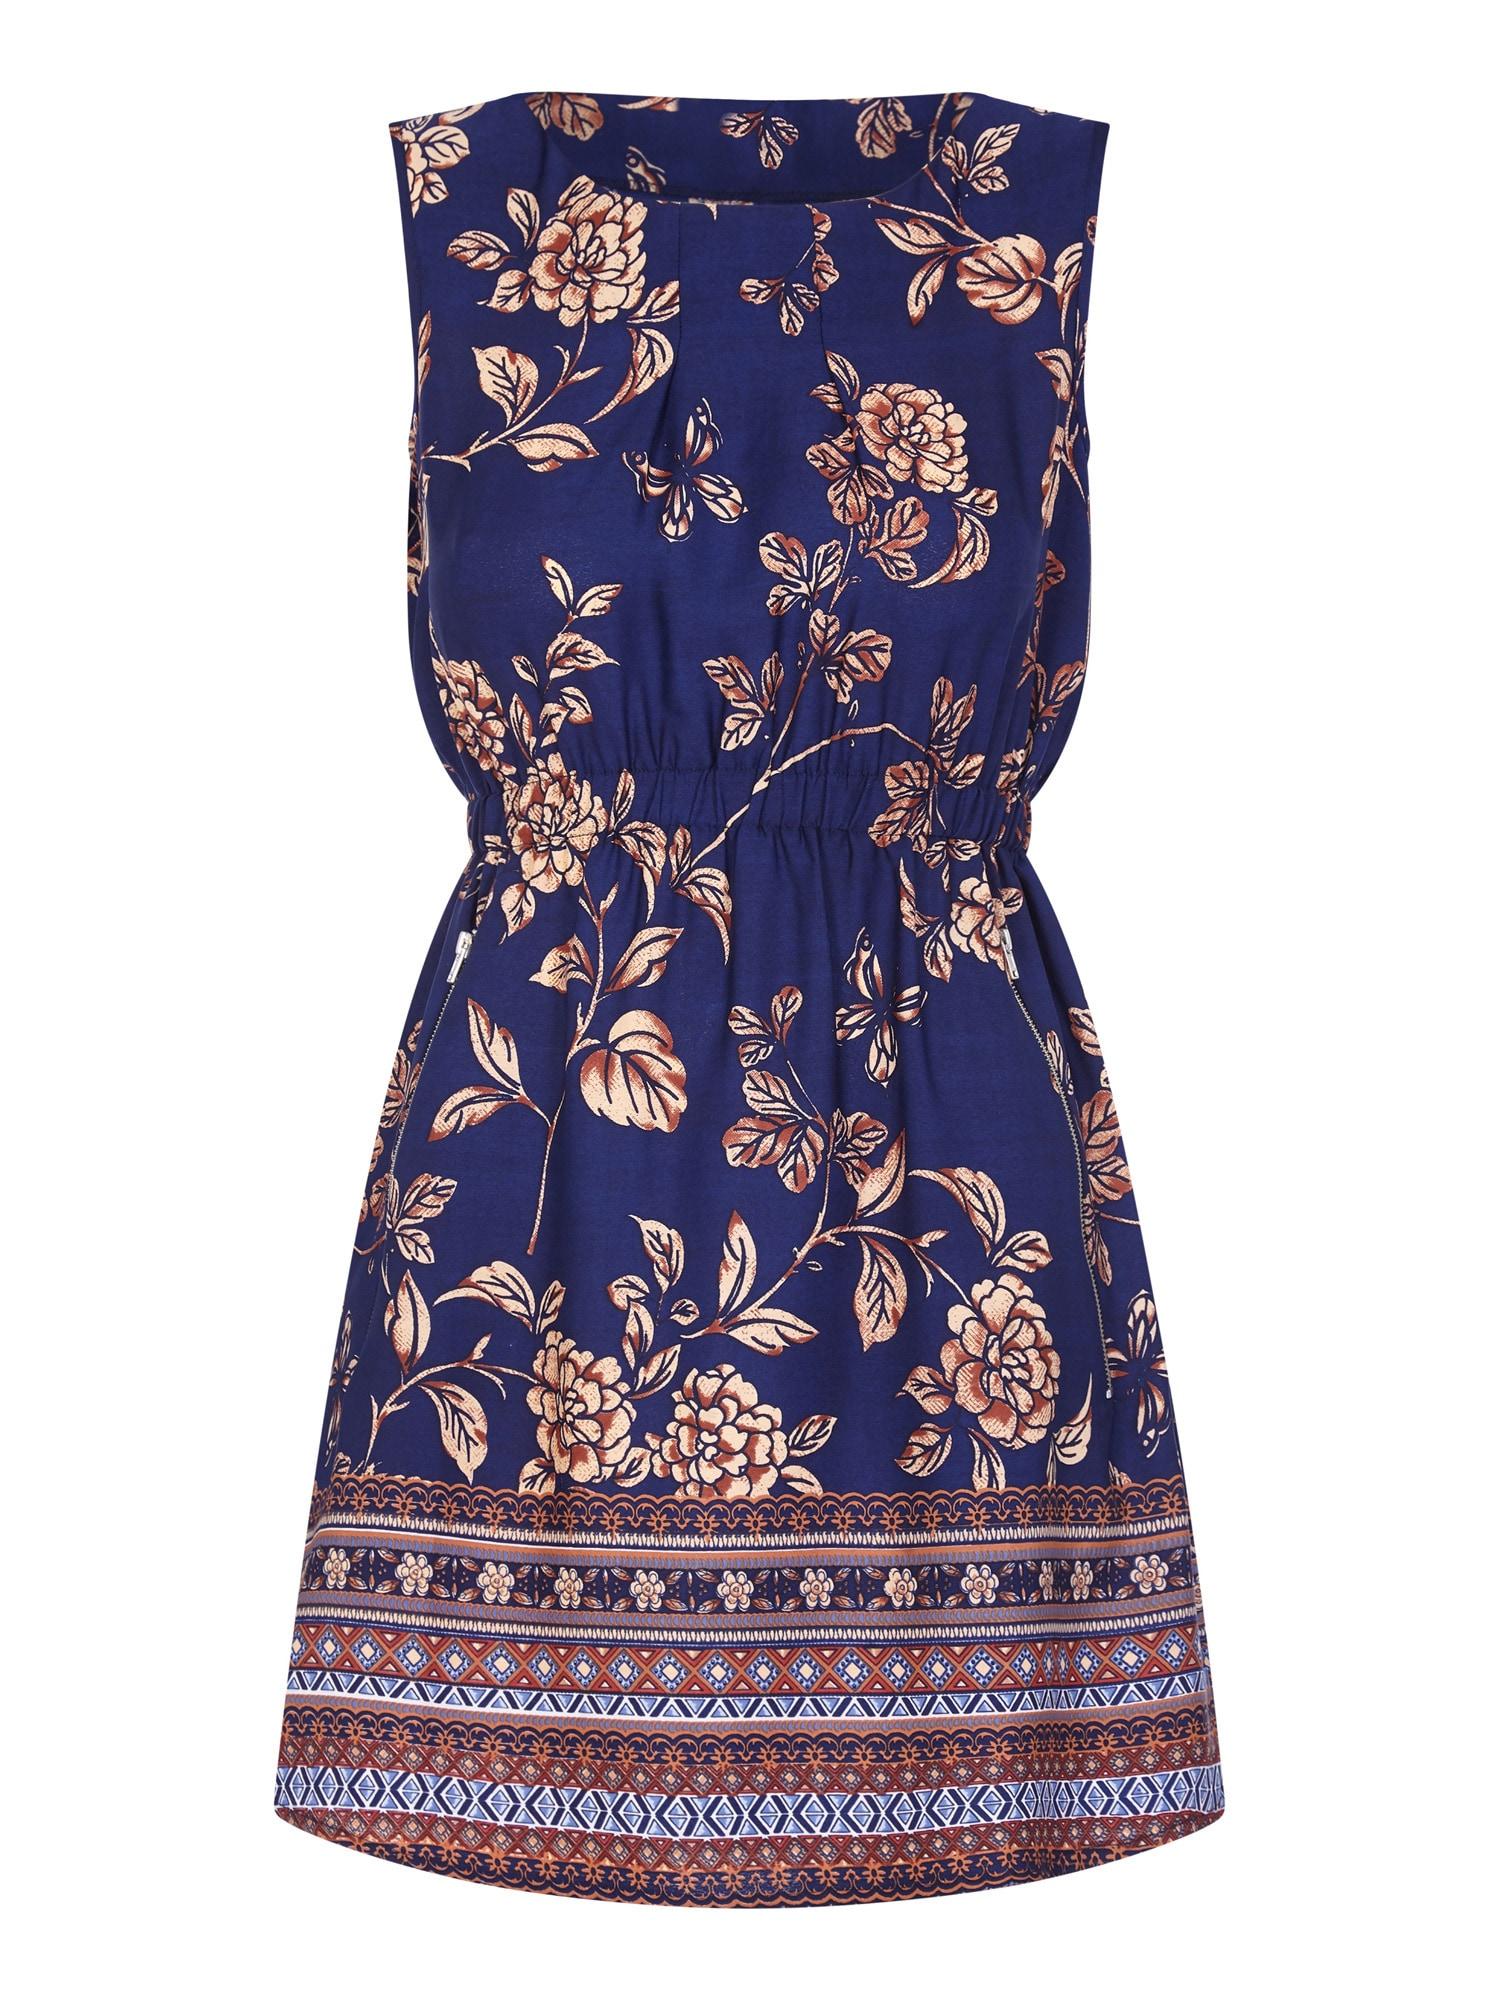 Šaty BORDER PRINT 2 ZIP DRESS námořnická modř mix barev Mela London